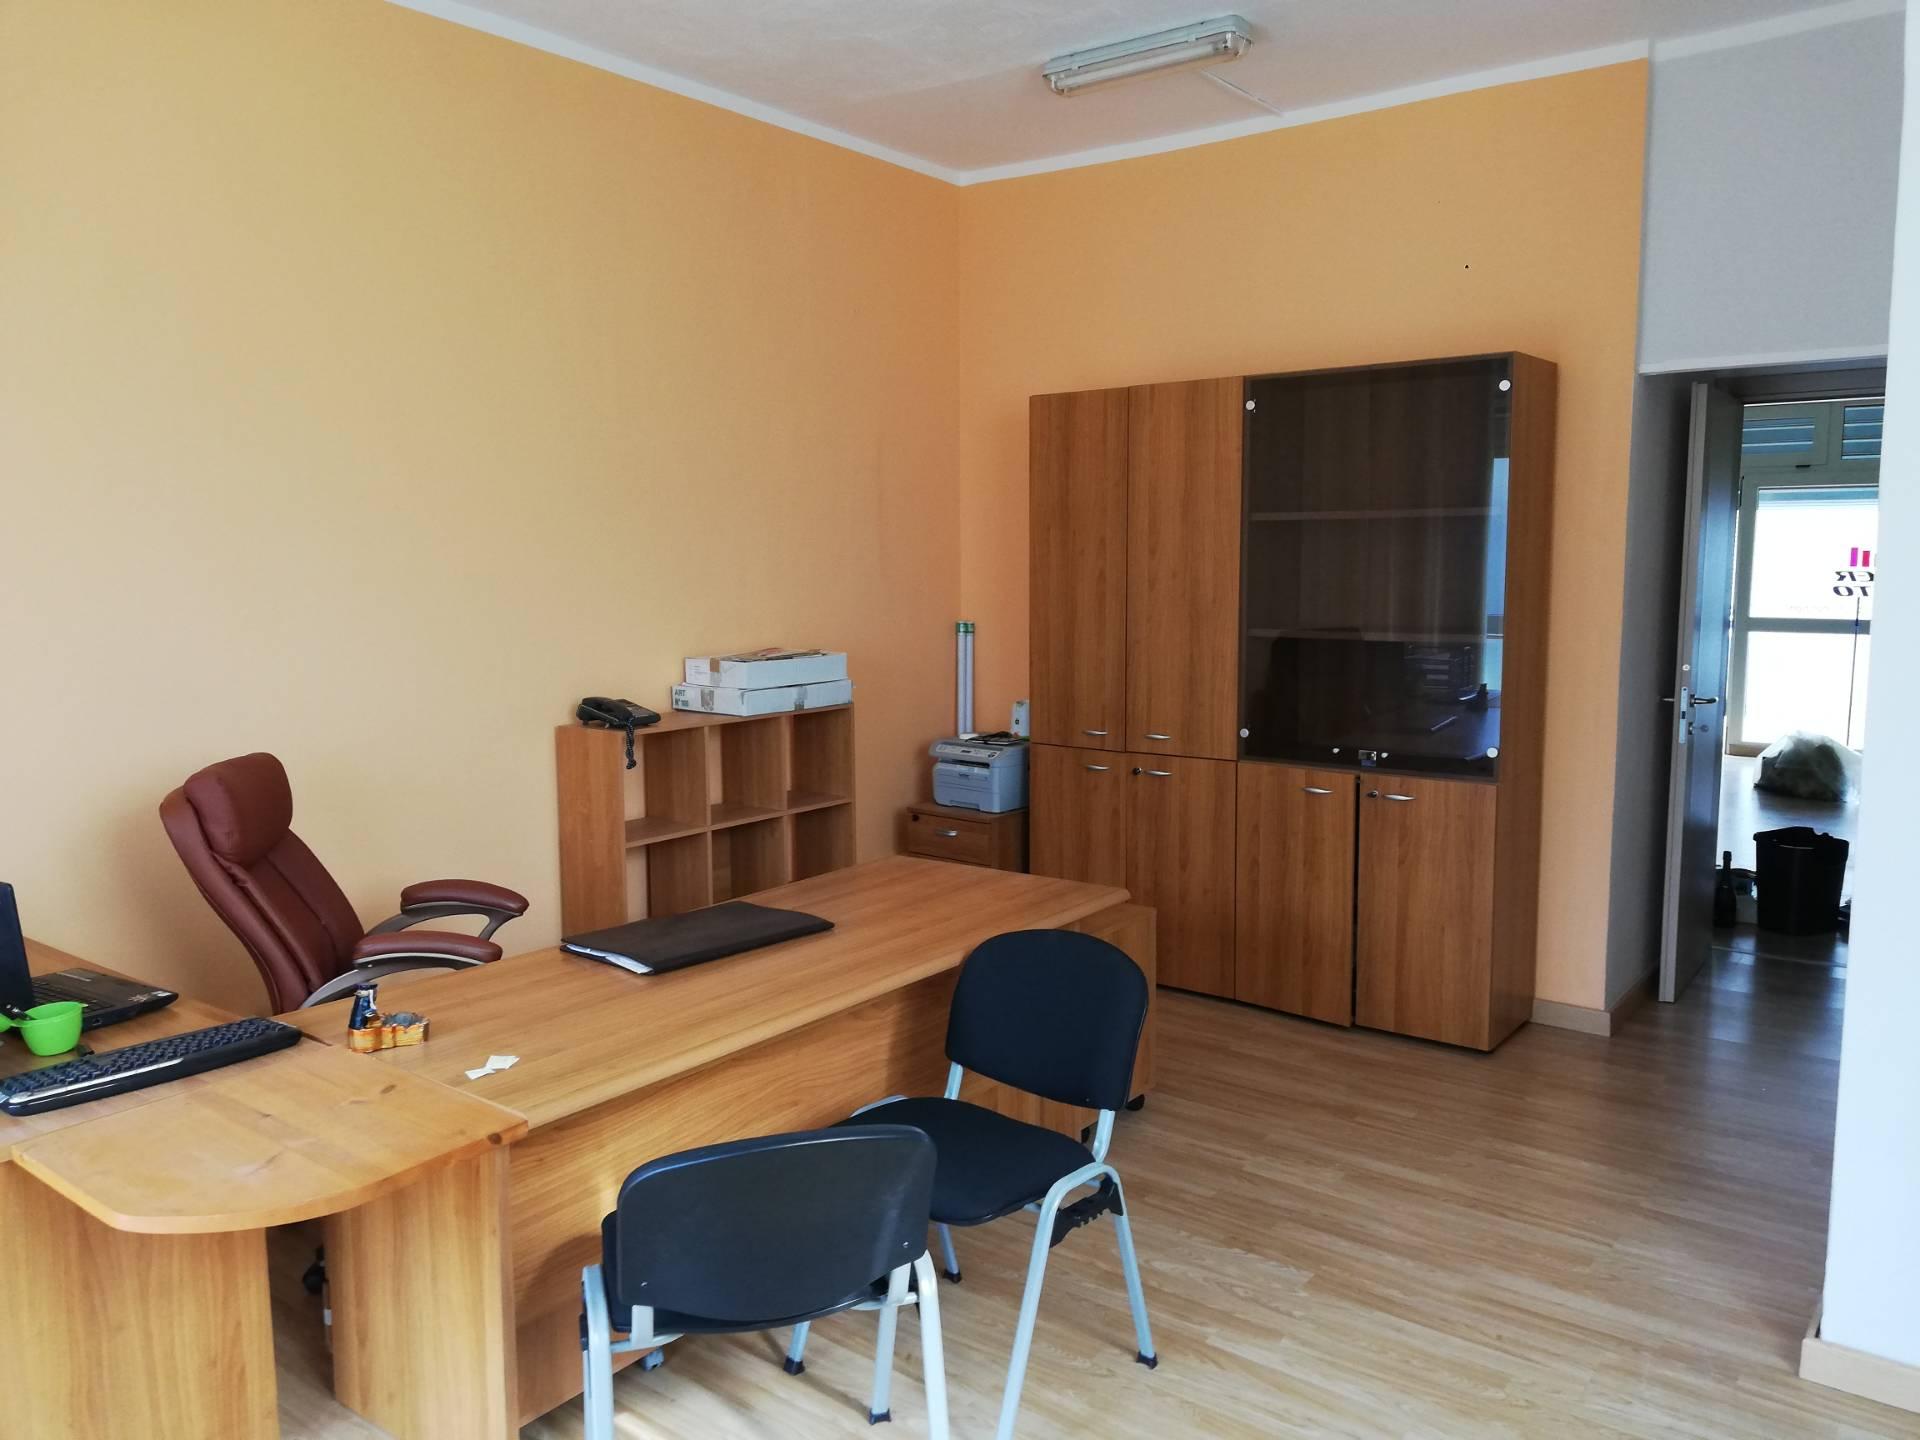 Negozio / Locale in affitto a Santa Marina, 9999 locali, zona Località: PolicastroBussentino, prezzo € 600 | CambioCasa.it